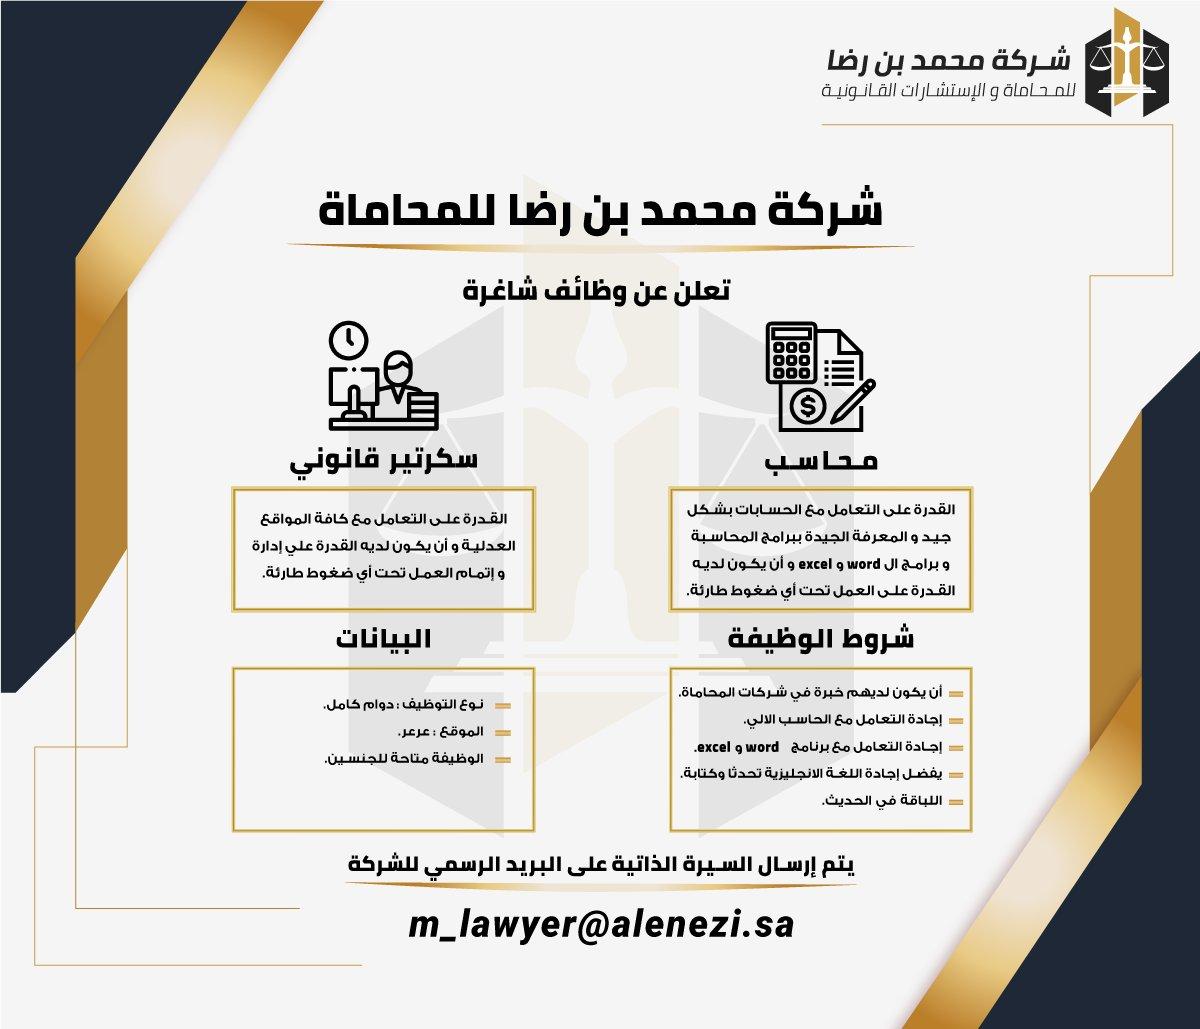 تعلن شركة محمد بن رضا للمحاماة عن وظائف شاغرة #عرعر  - محاسب  - سكرتير قانوني   يتم إرسال السيرة الذاتية على البريد الرسمي للشركة. m_lawyer@alenezi.sa  #توظيف  #وظائف_شاغرة  #وظائف